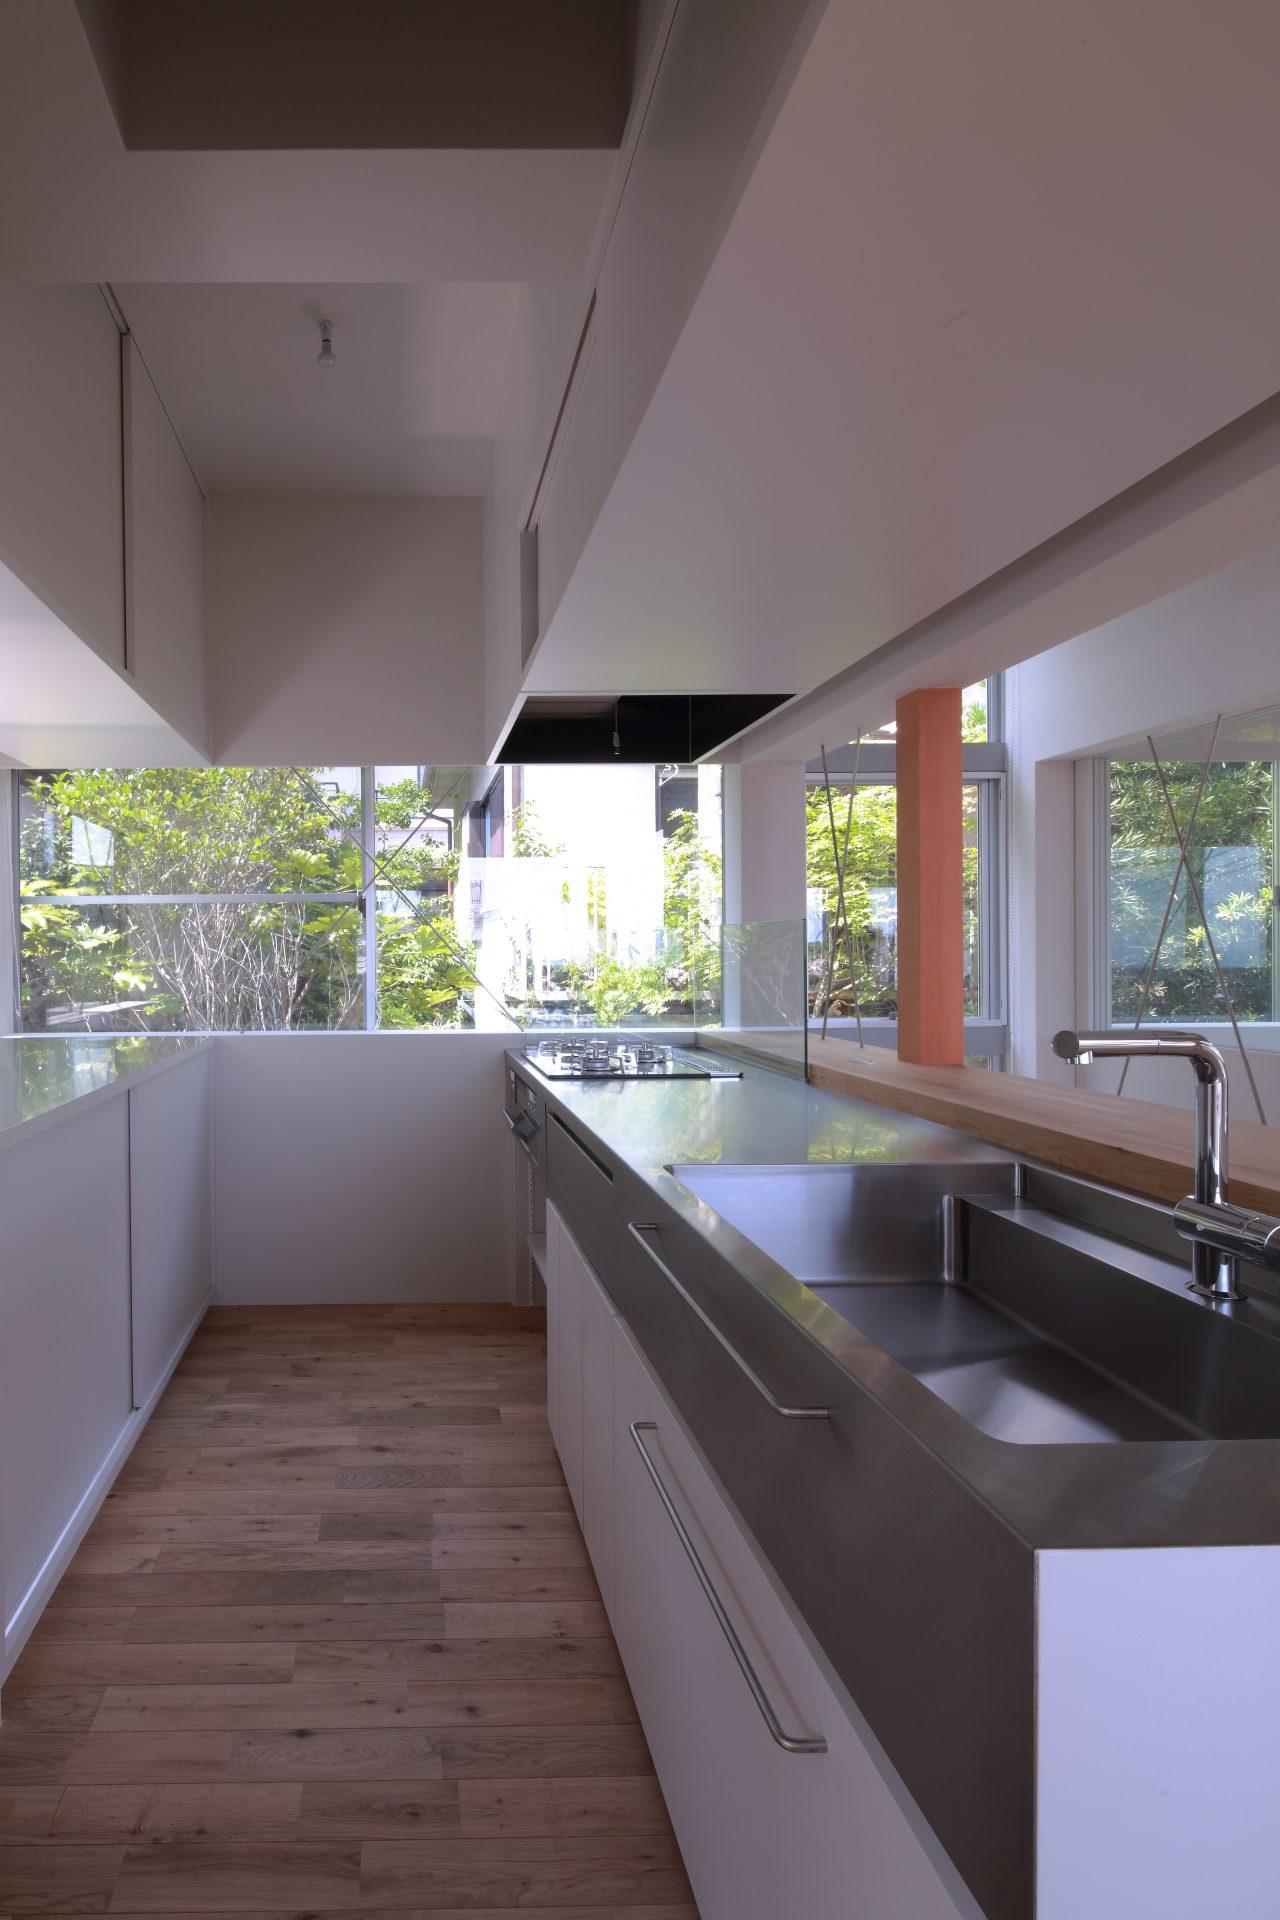 兵庫甲陽園の家のキッチン